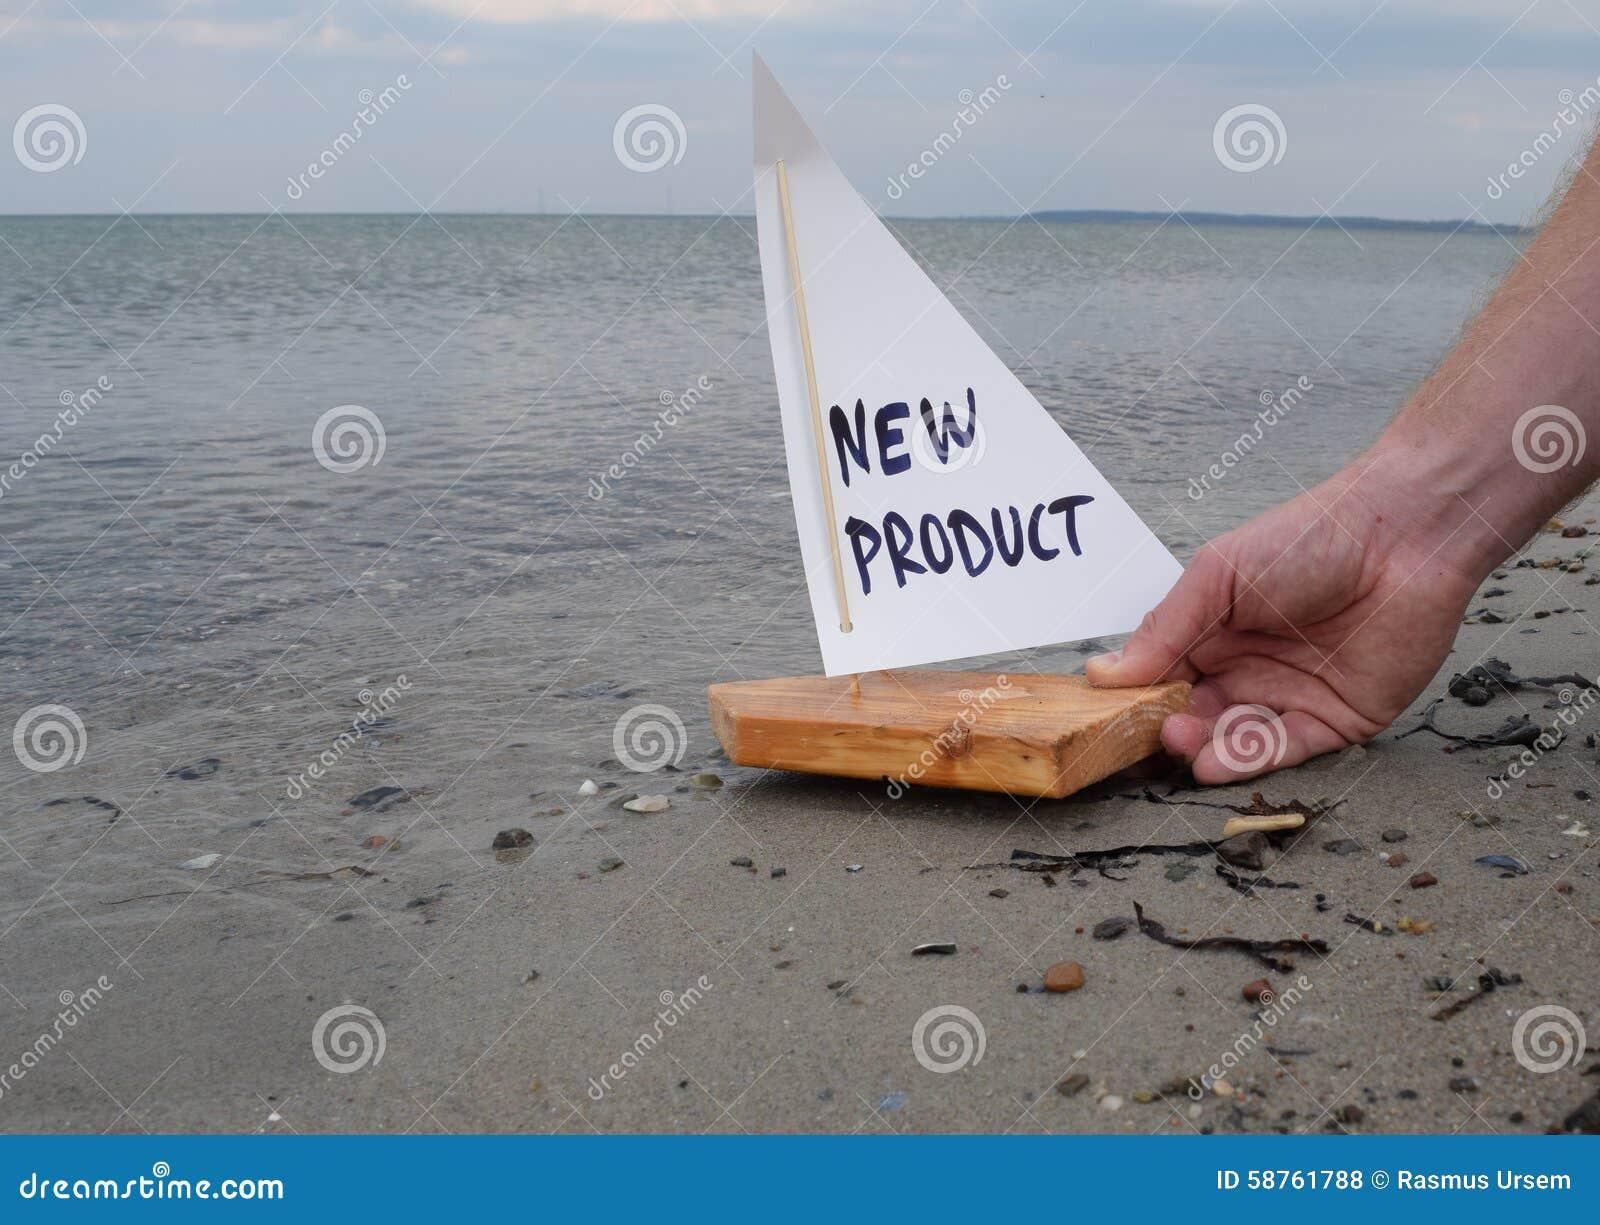 Lançando um produto novo